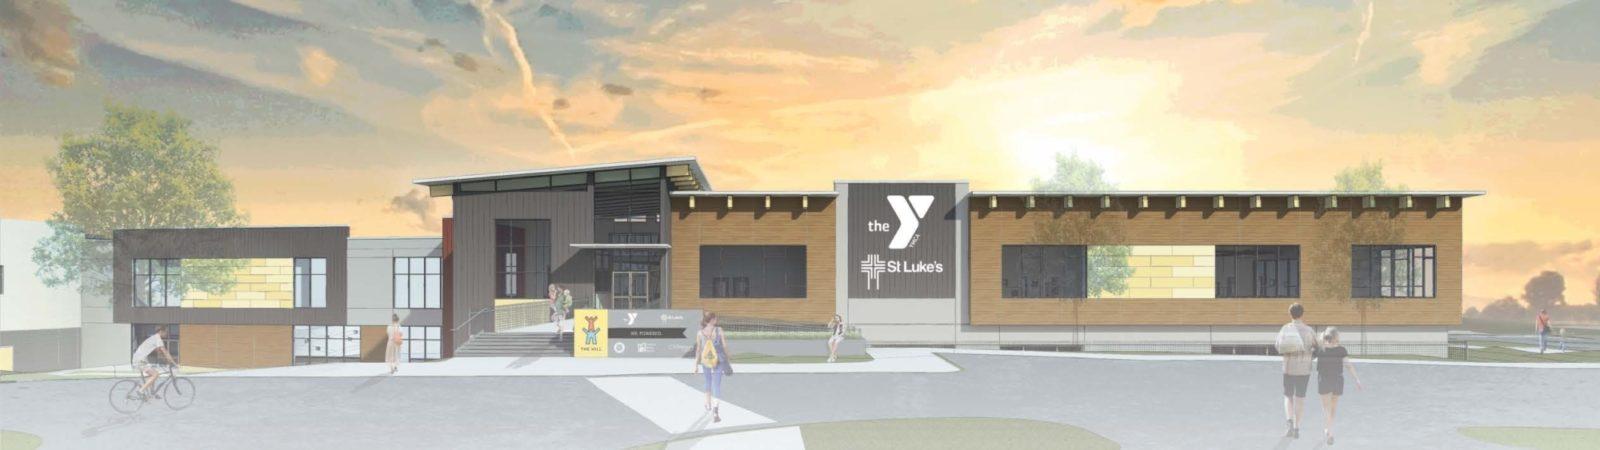 Ymca Building Renderings